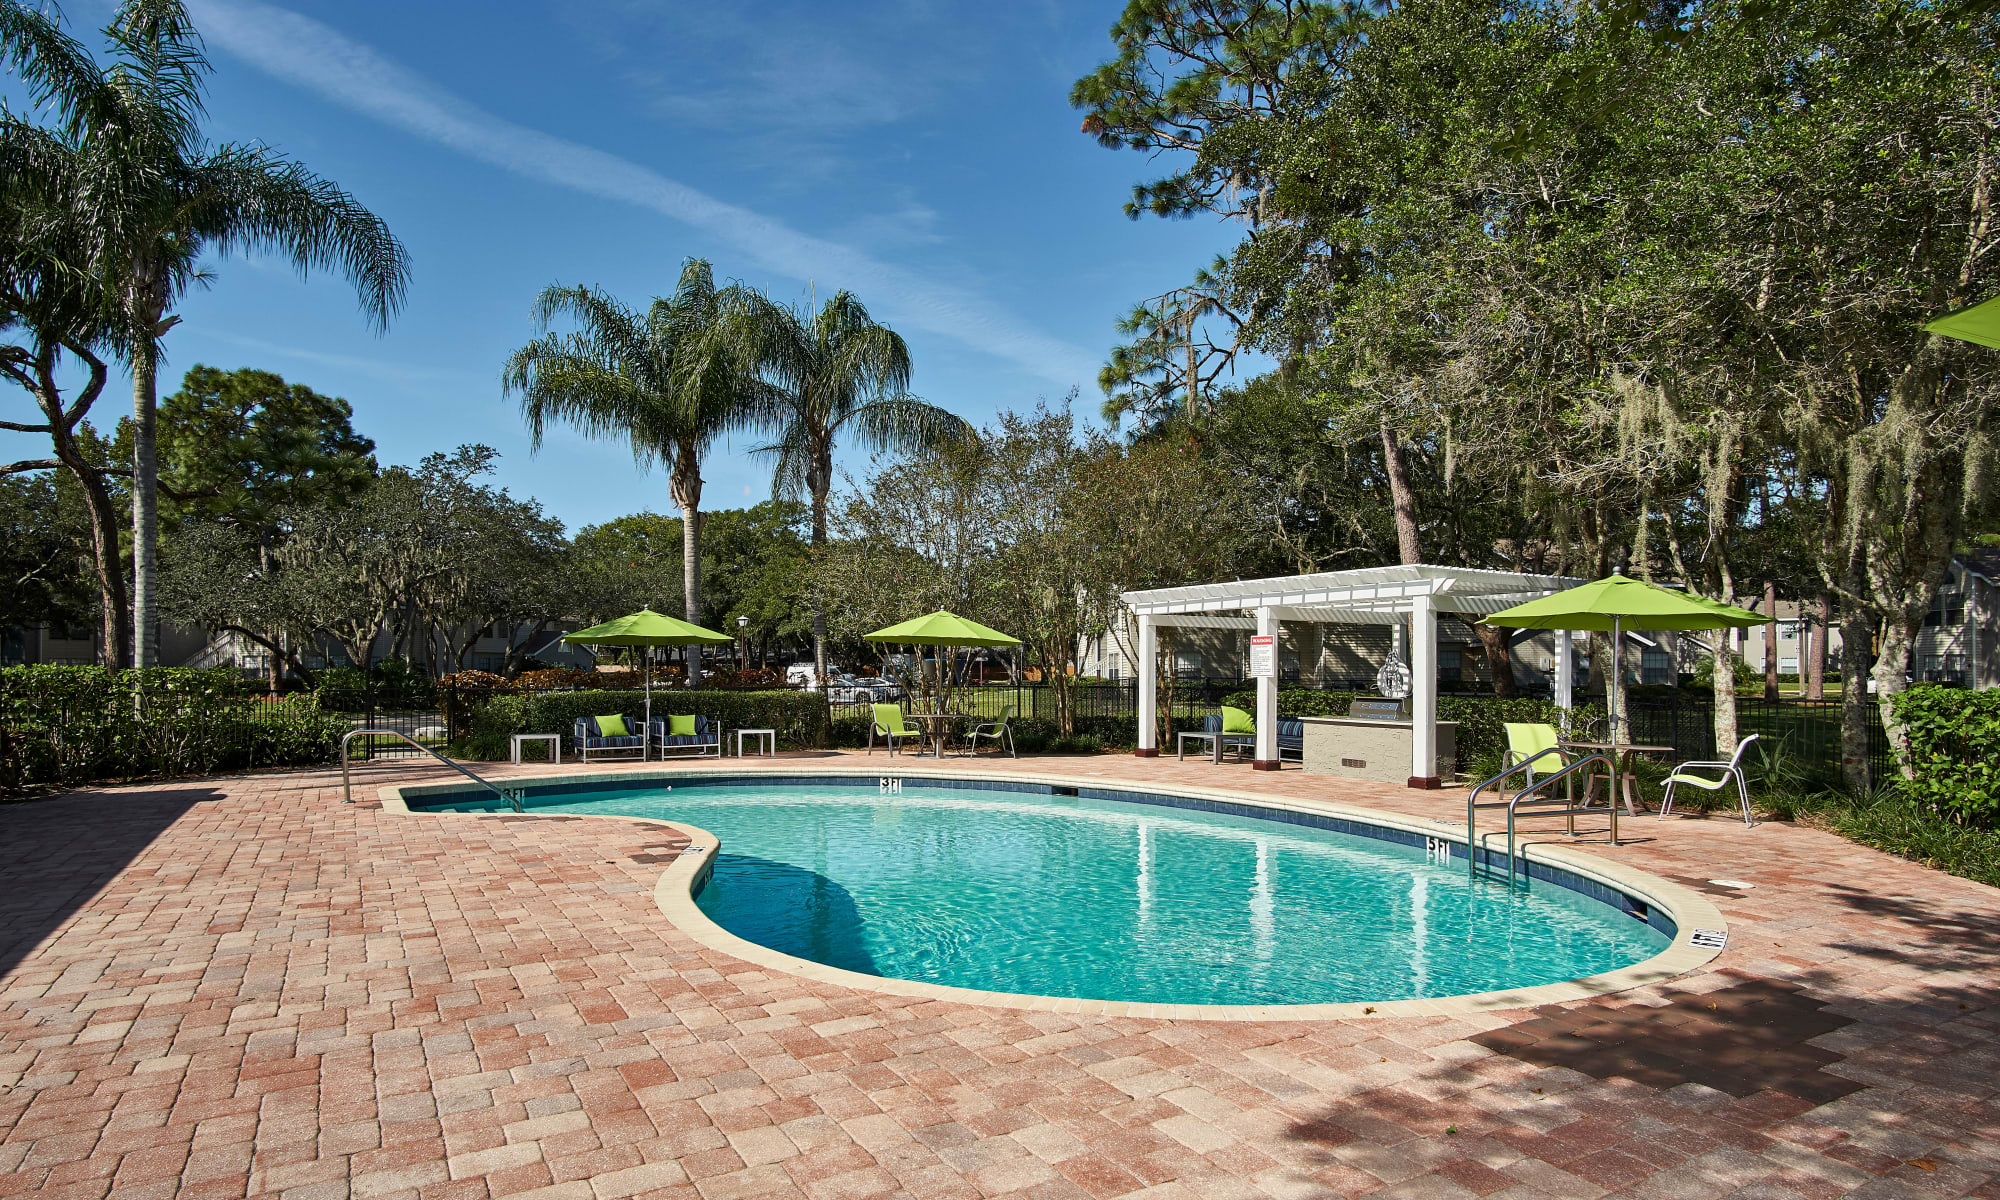 Apartments at Avenue @Creekbridge in Brandon, Florida